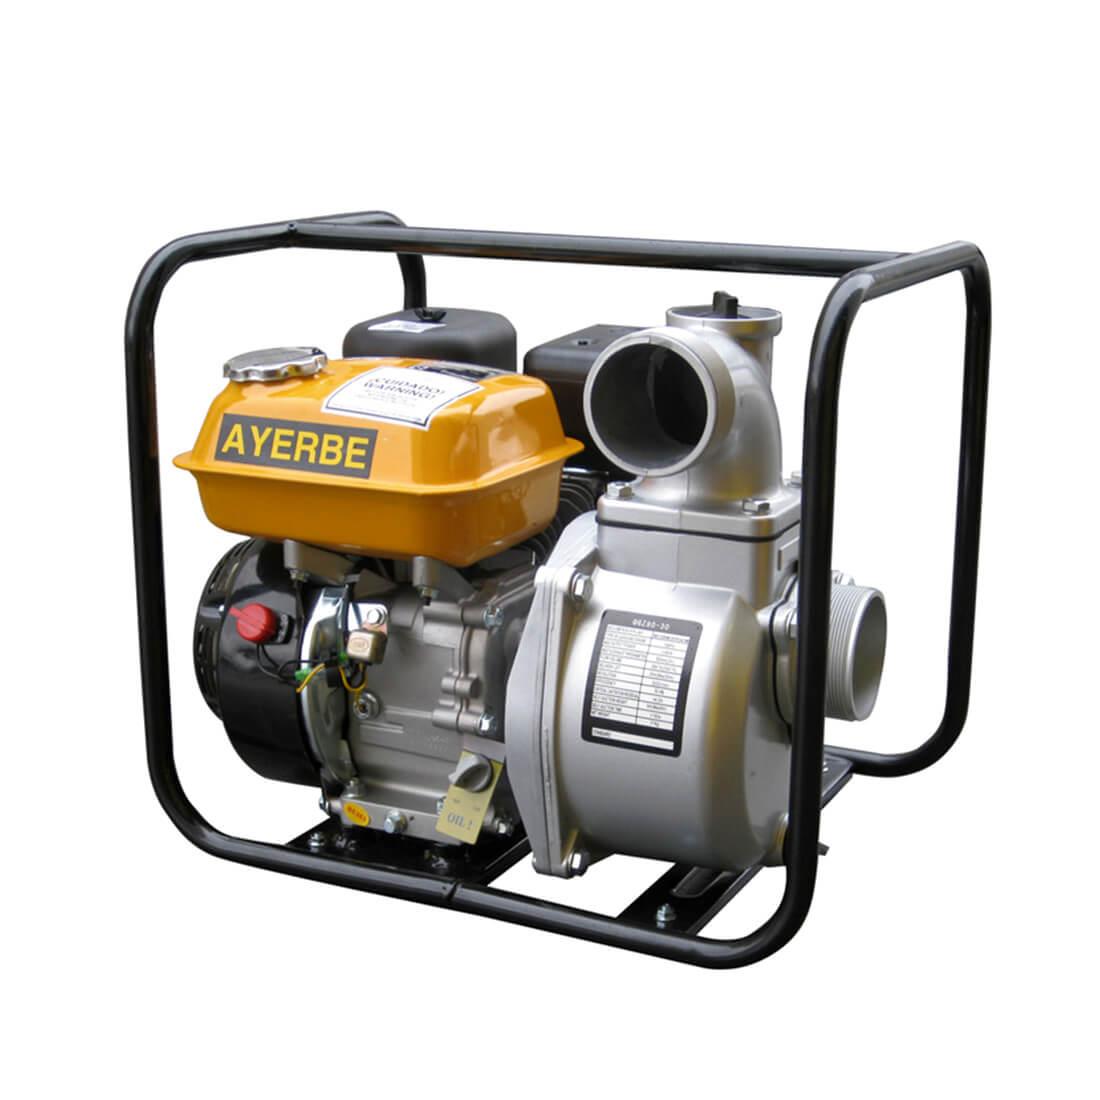 Alquiler de motobomba 5 5 hp l h y tuber a 80mm for Alquiler de bombas de agua